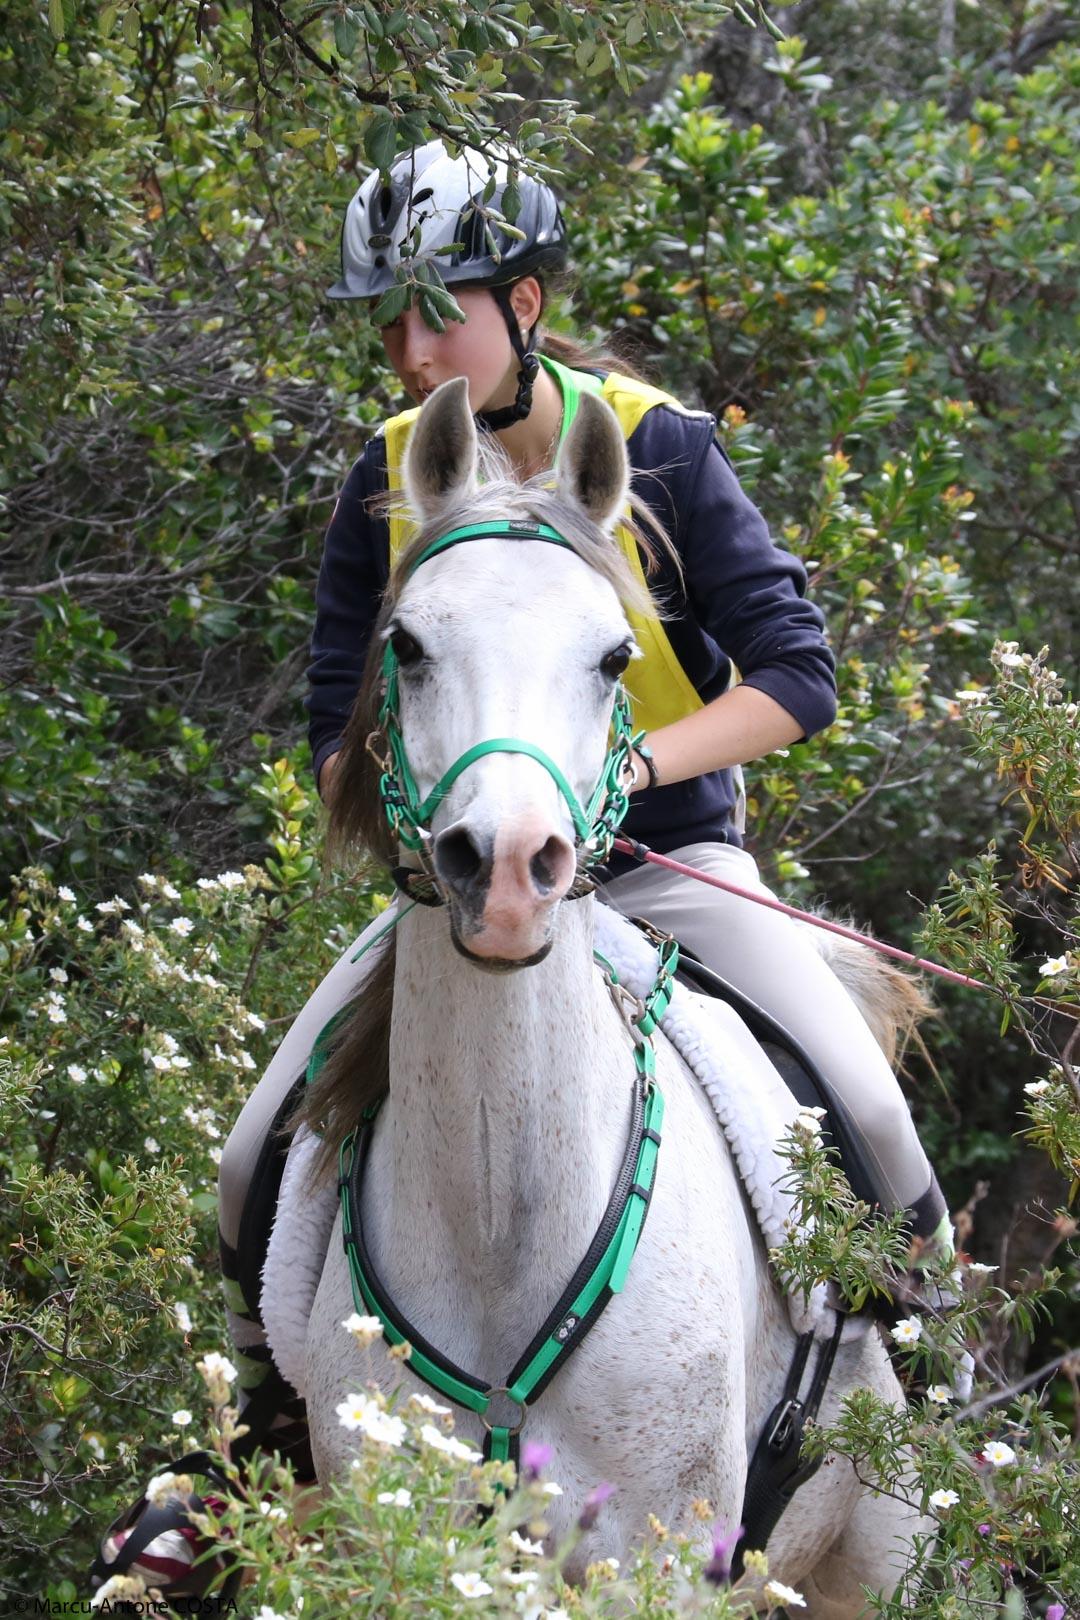 Sports équestres : Retour sur un dimanche chargé dans la région ajaccienne